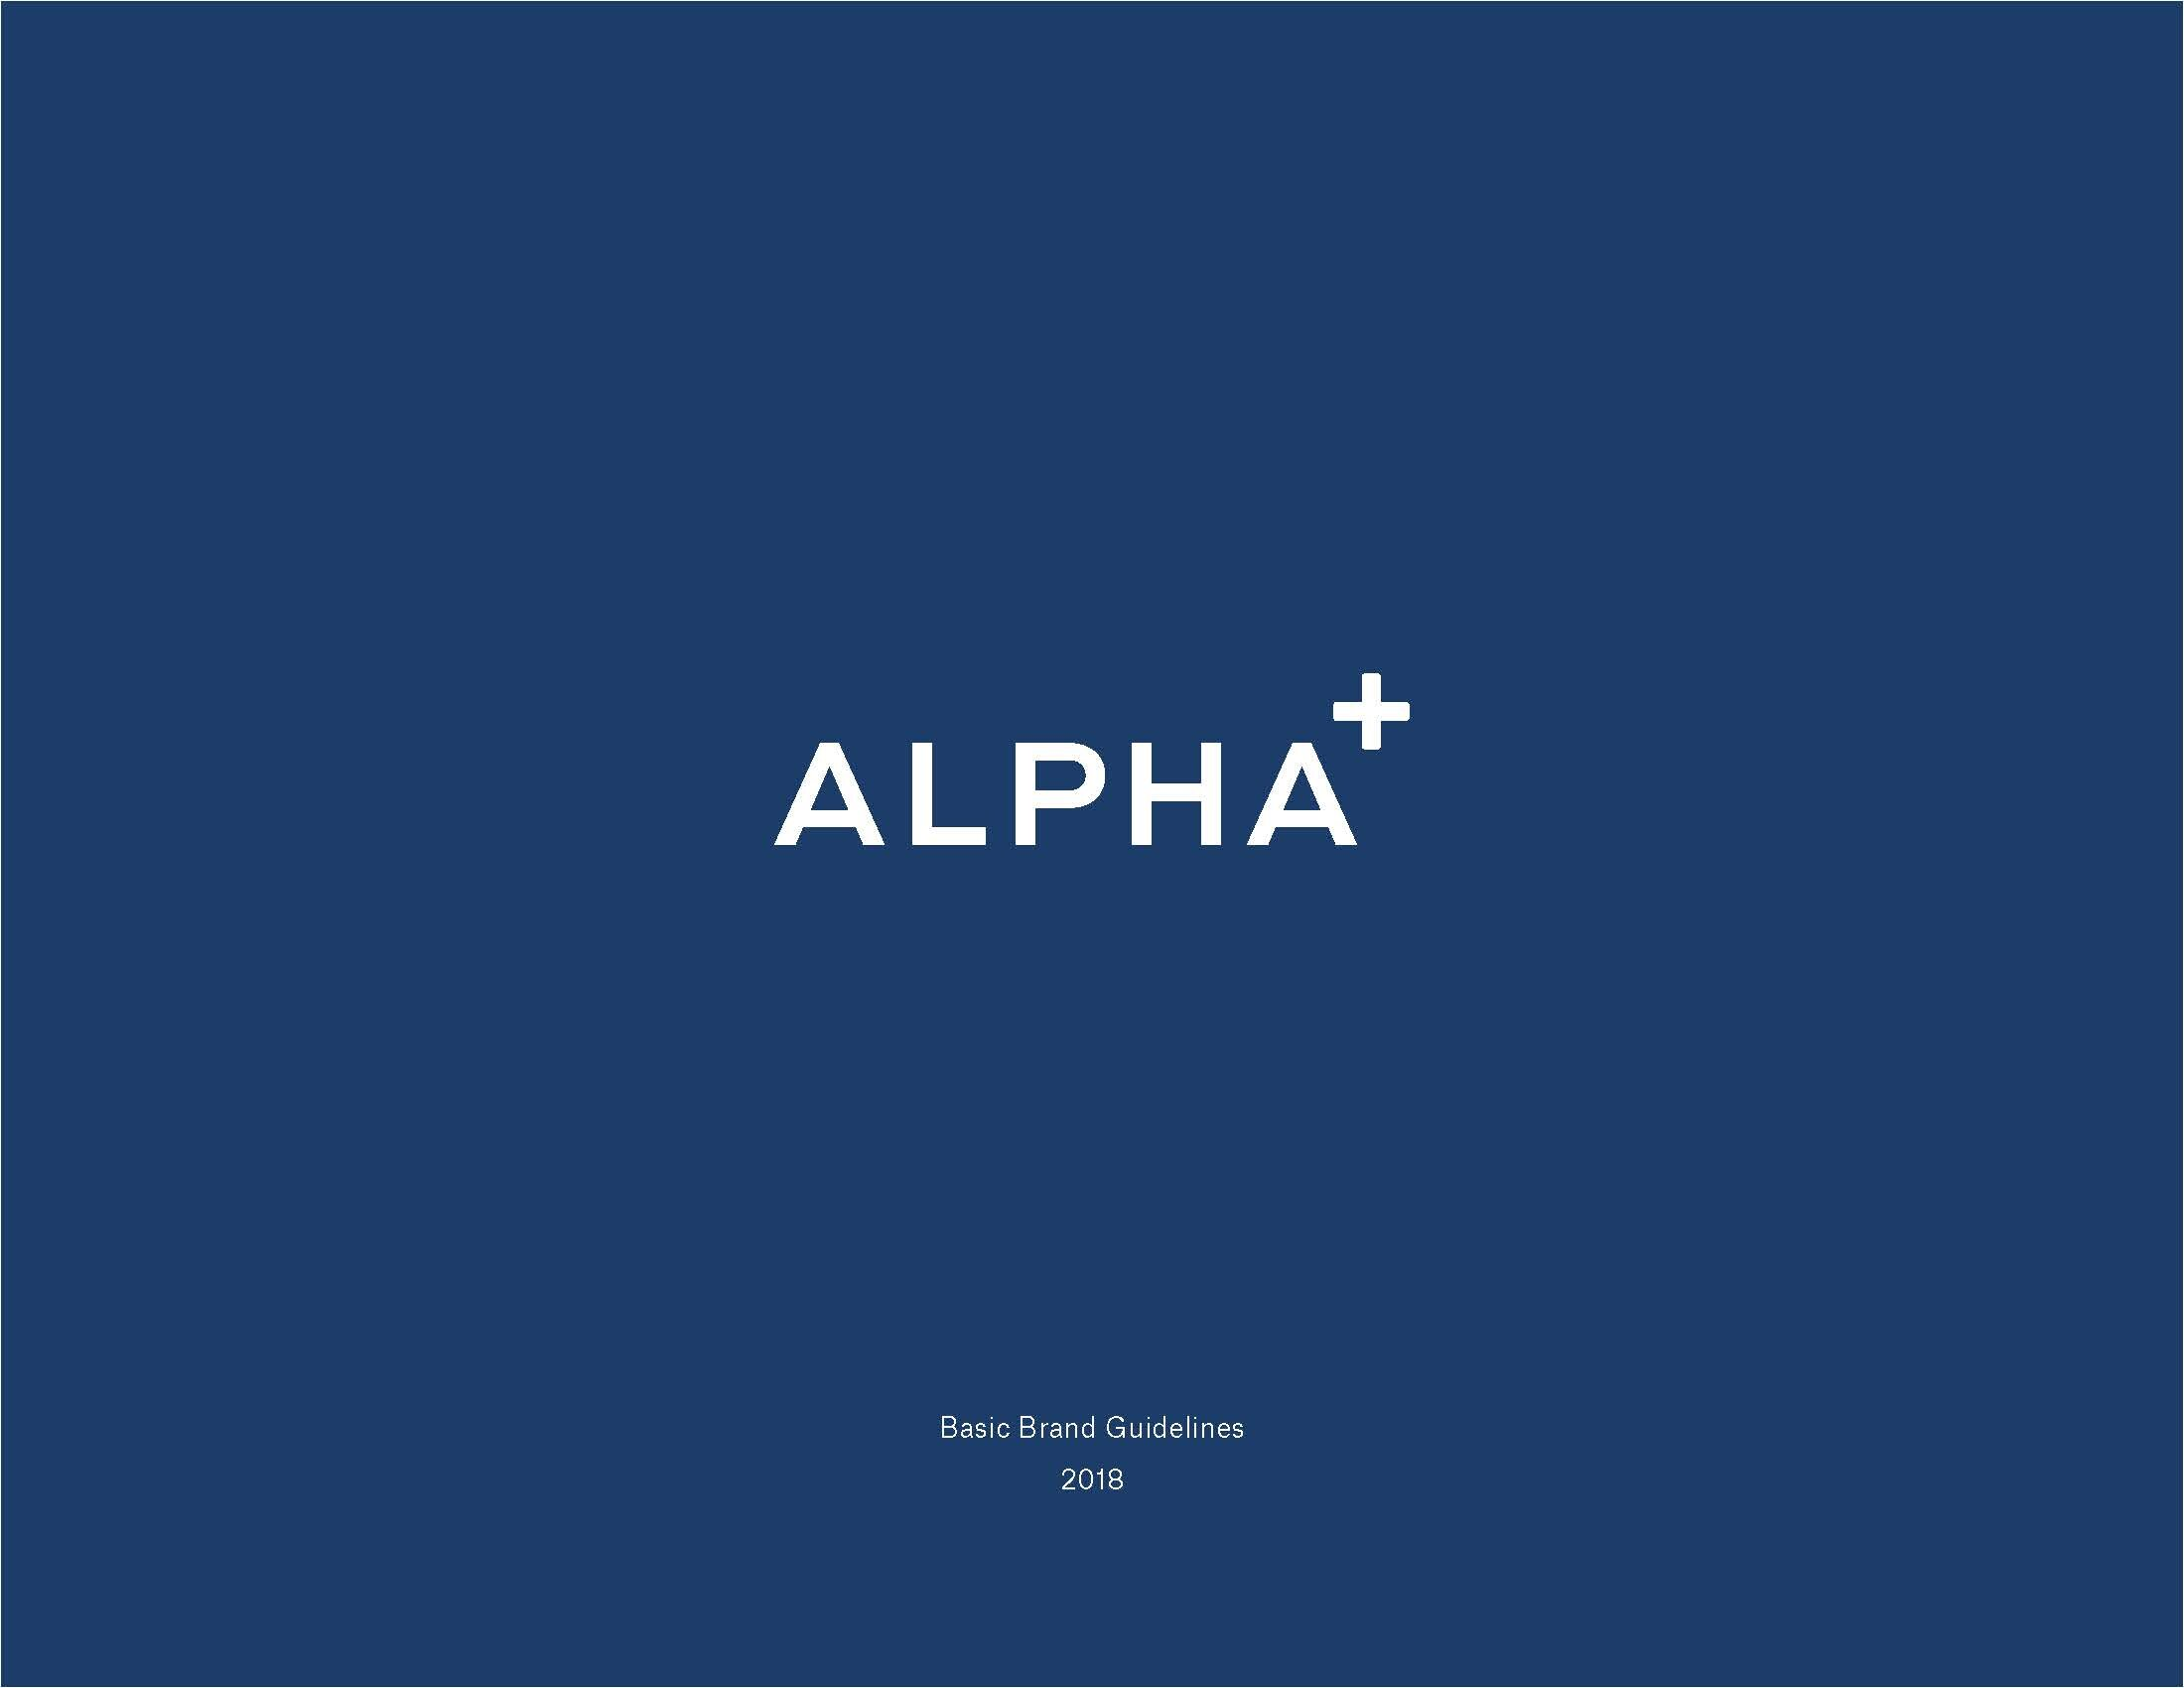 AlphaStyleGuide_Page_01.jpg